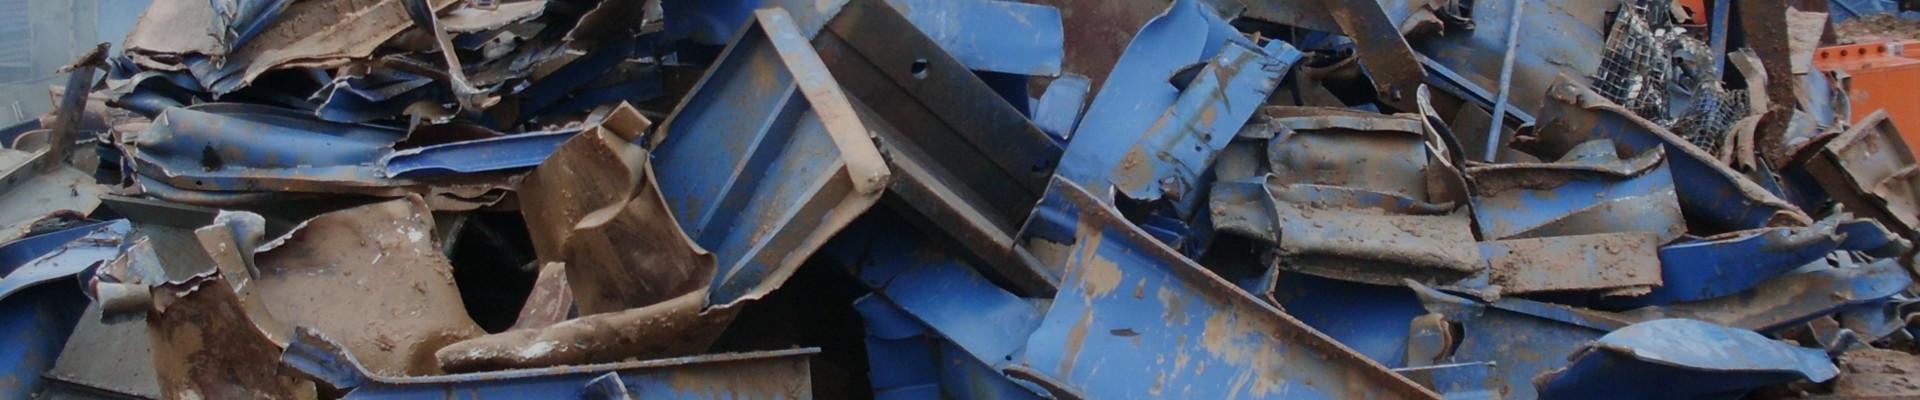 Tratamiento integral y comercialización de metales